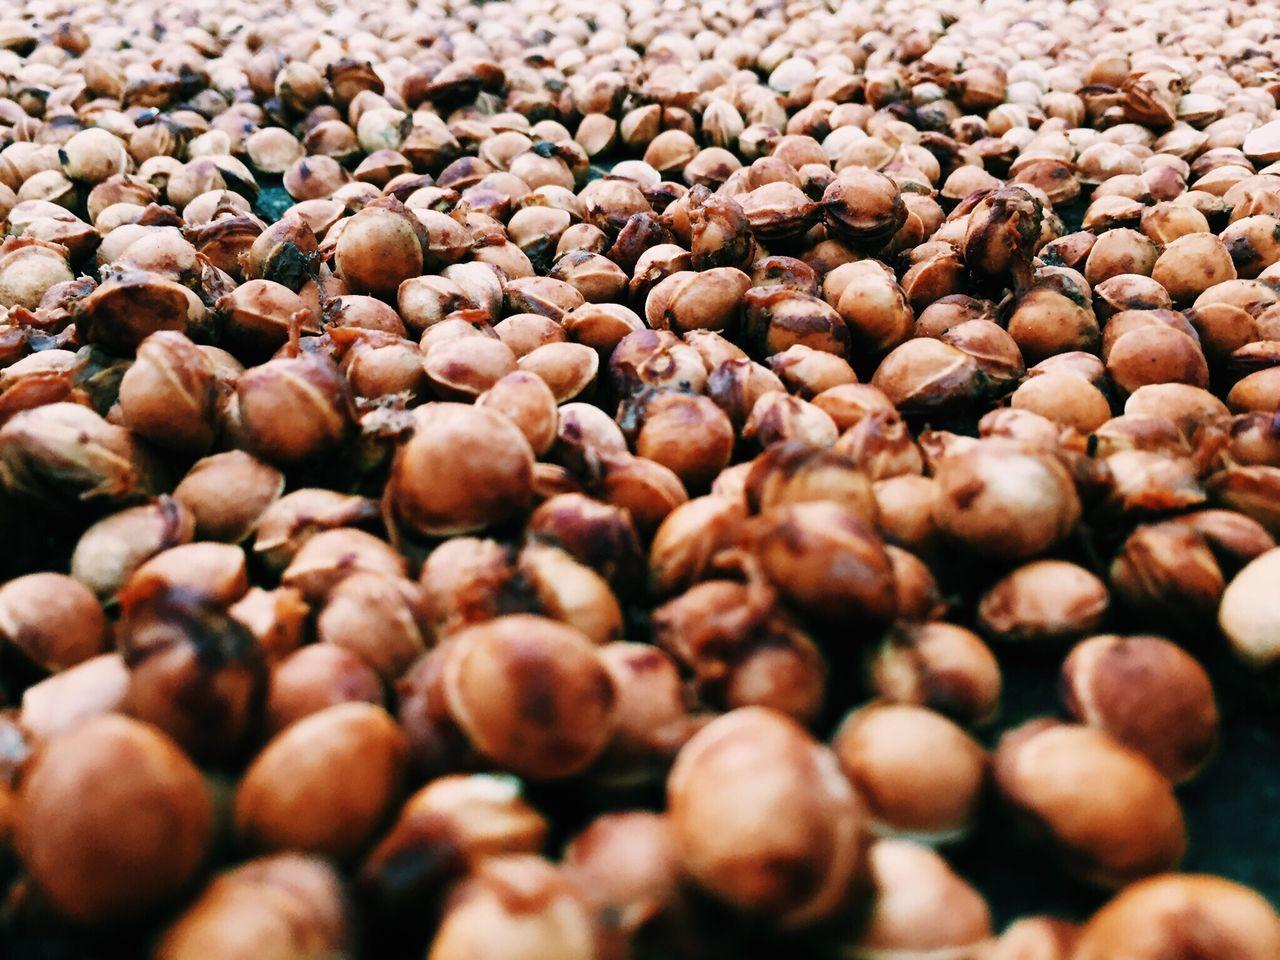 caffeine-rich nuts